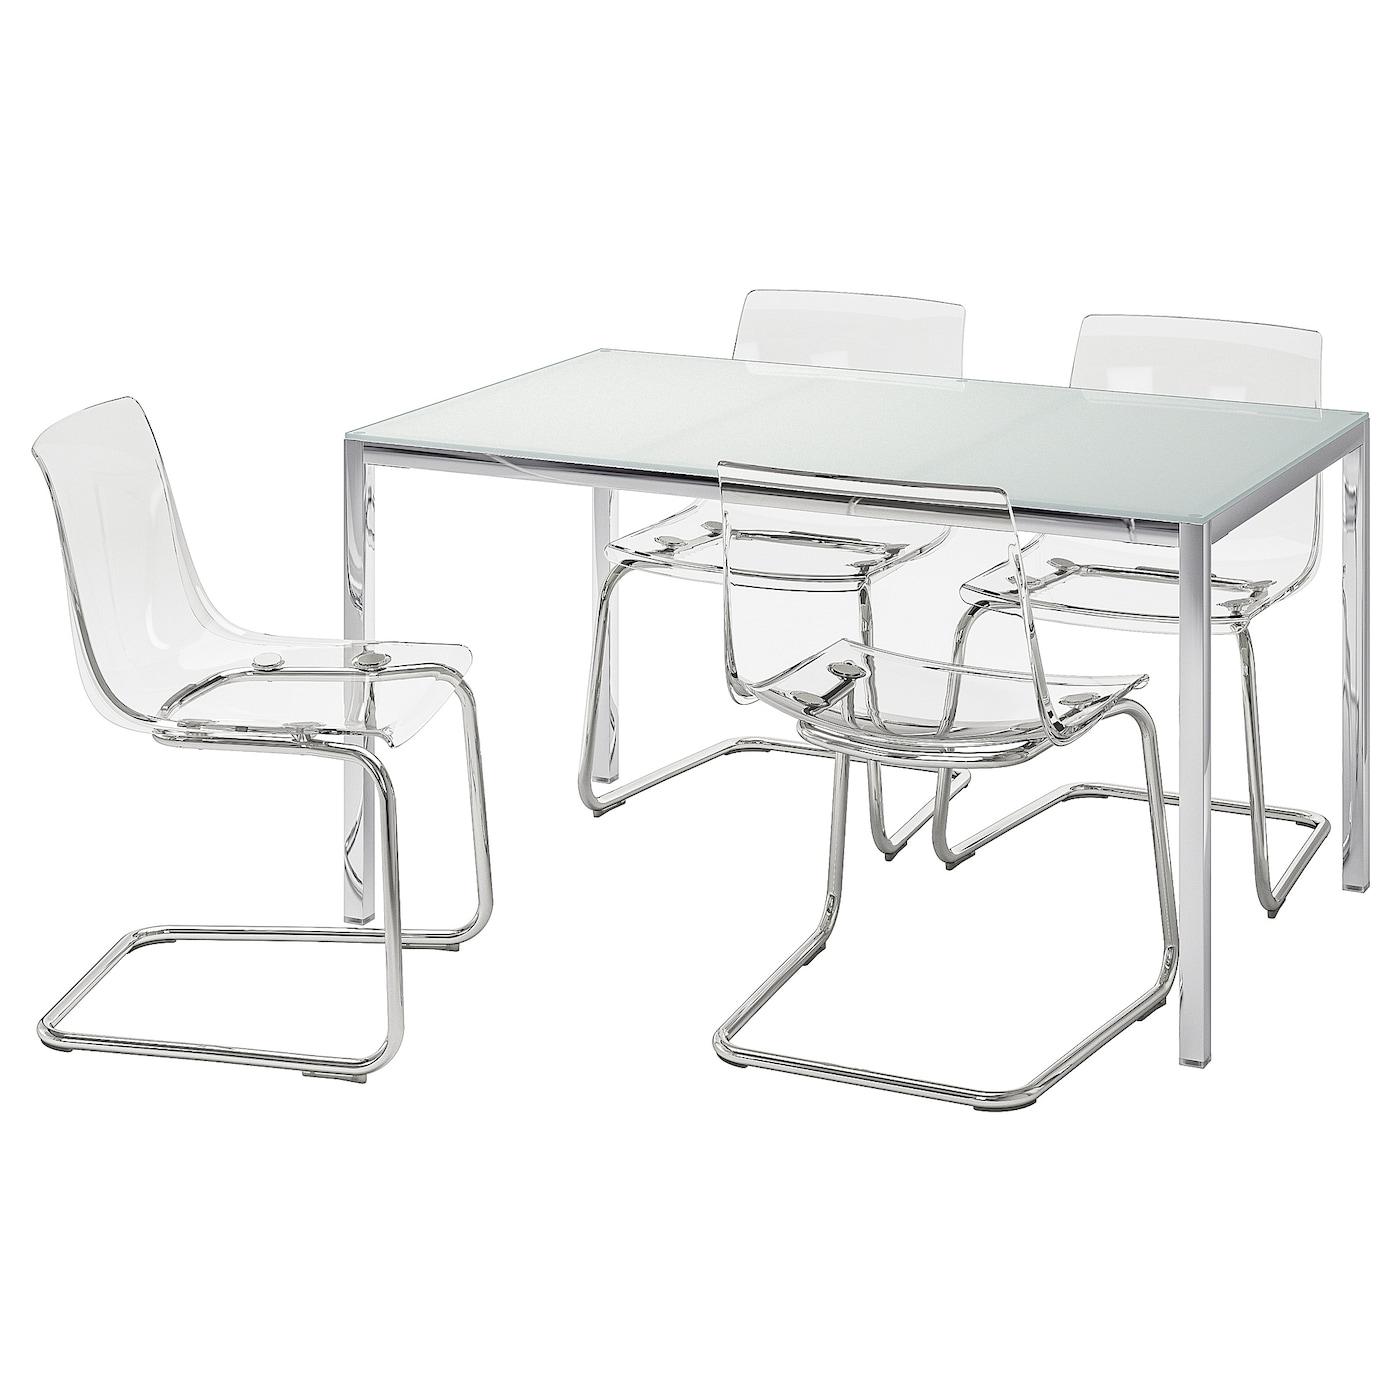 IKEA TORSBY biały stół z czterema przezroczystymi krzesłami TOBIAS, rozmiar blatu 135x85 cm